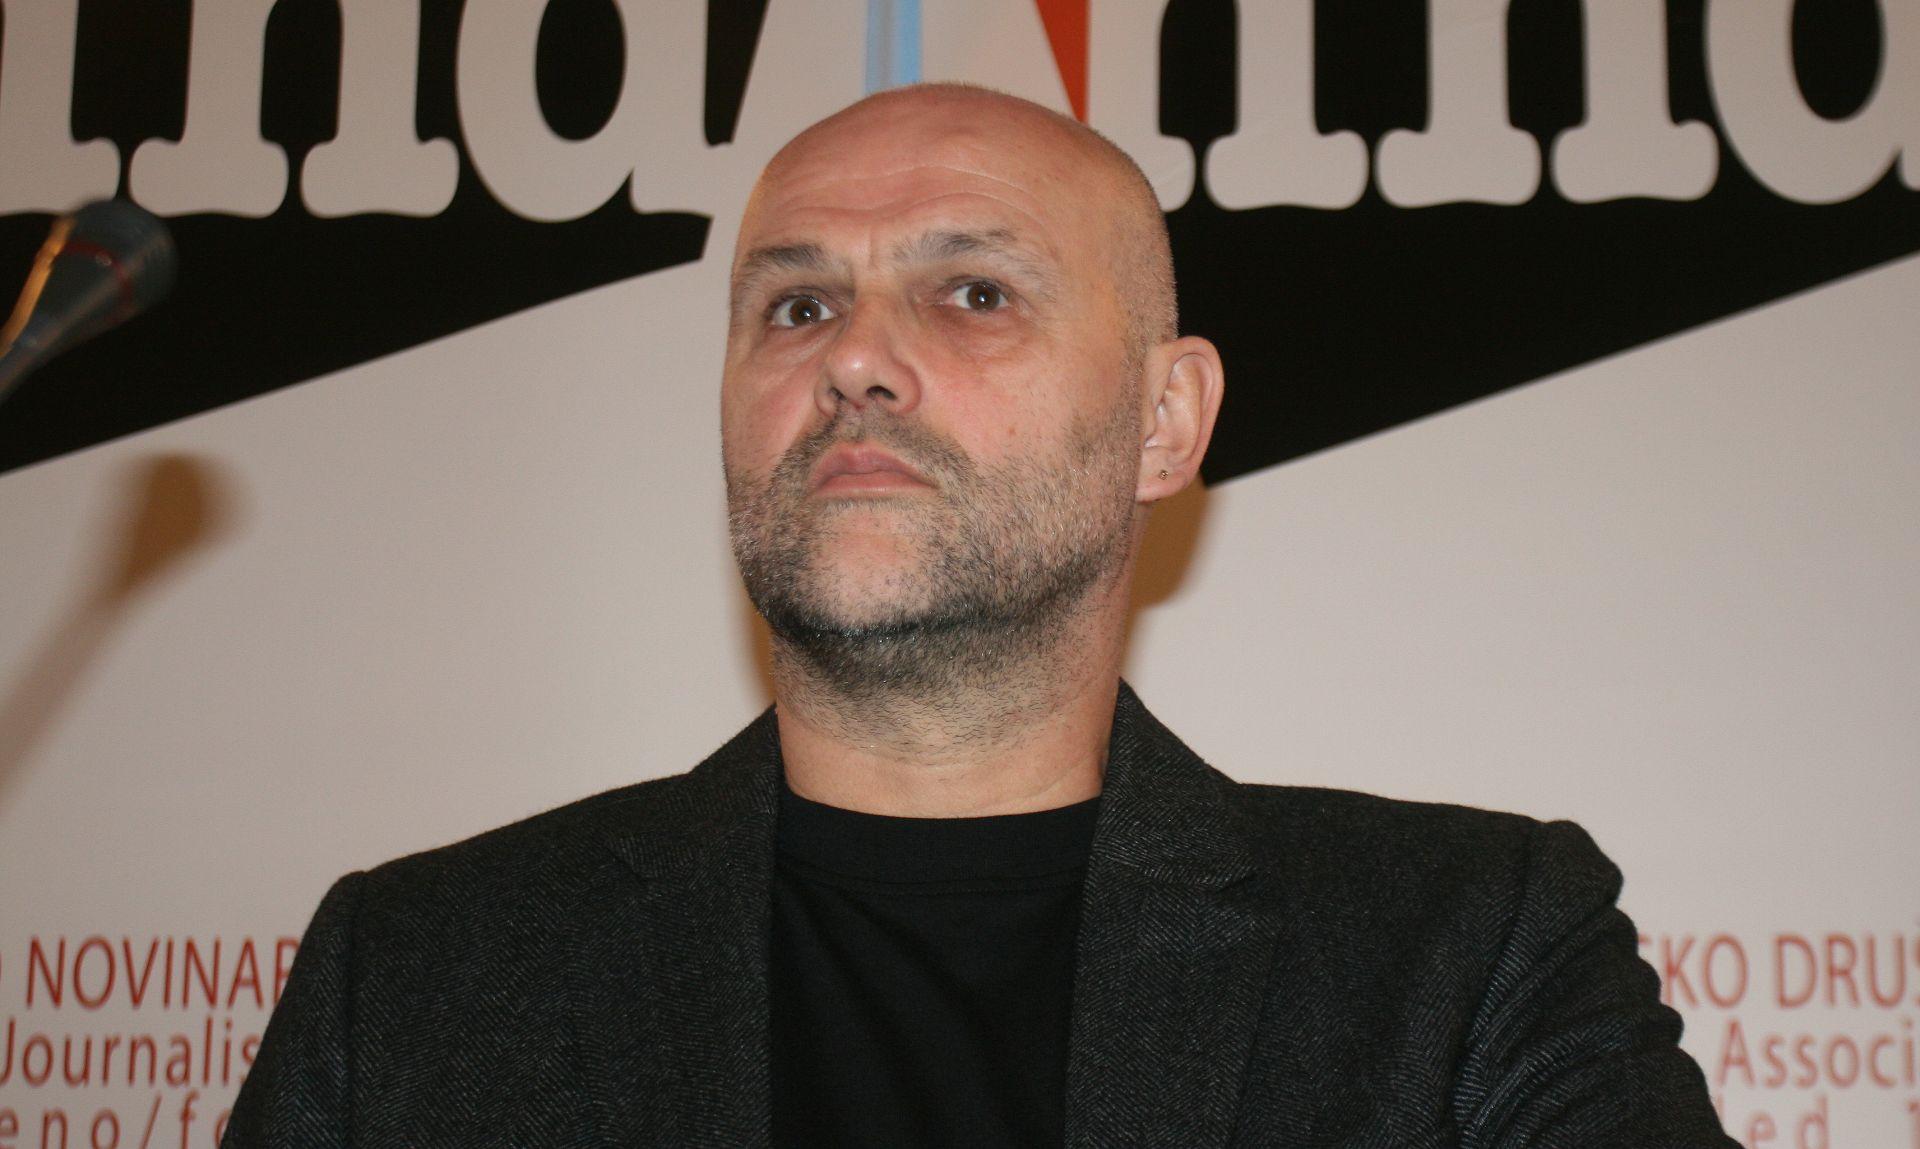 Predsjednik HND-a Saša Leković podnio ostavku